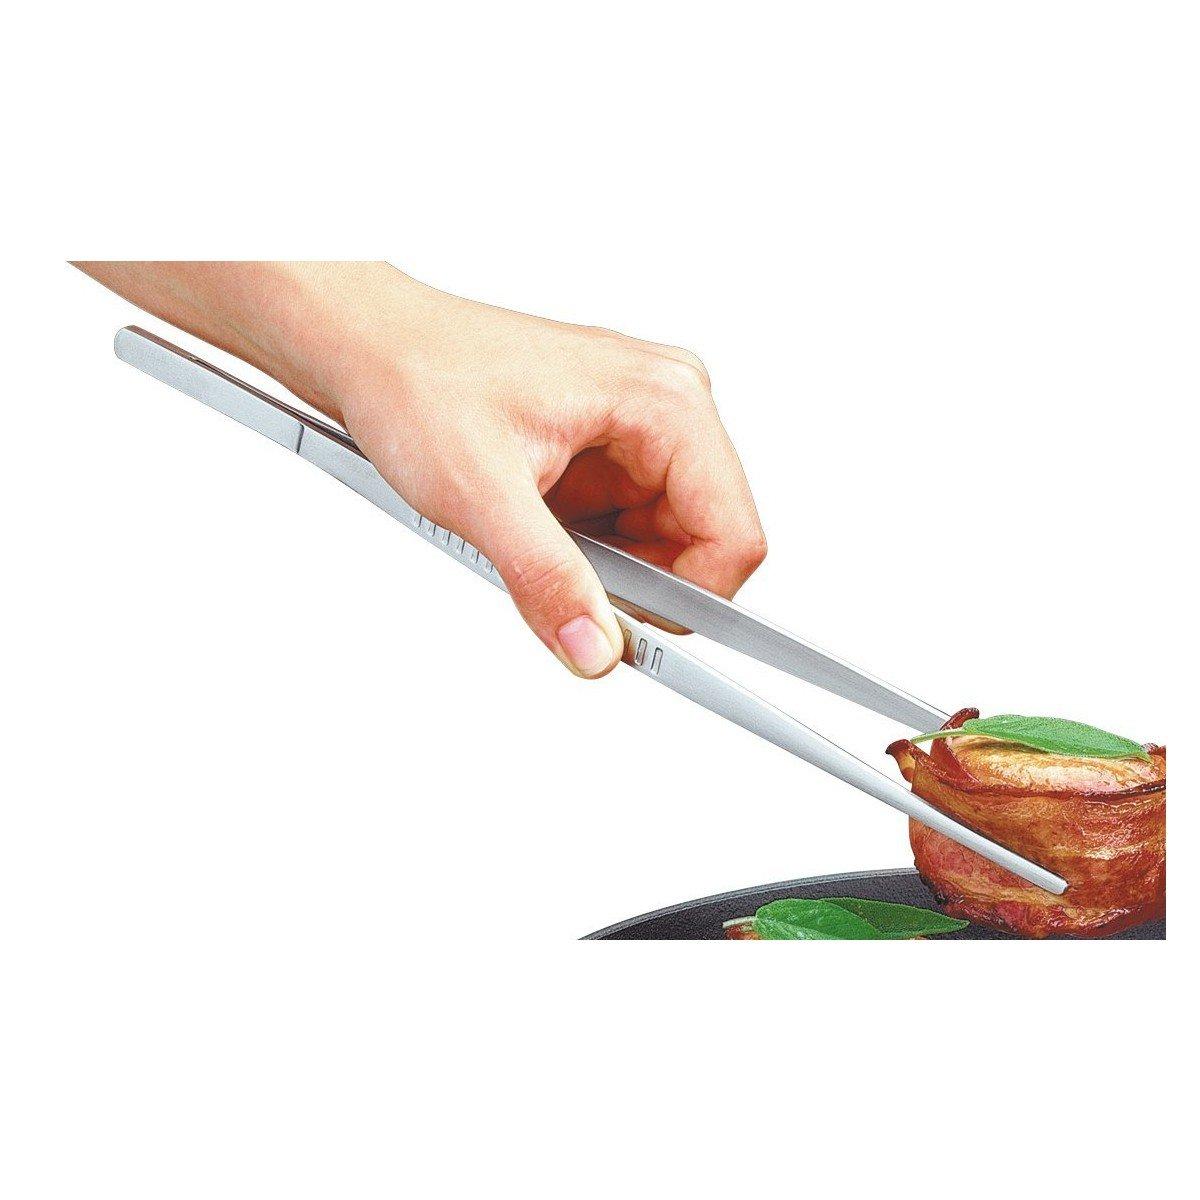 Kochpinzette Edelstahl lang 30cm ein n/ützlicher K/üchenhelfer f/ür alle Hobbyk/öche und Kochprofis Edelstahl Pinzette K/üche verwendbar als Fleischzange Bratzange Grillzange oder Servier Zange